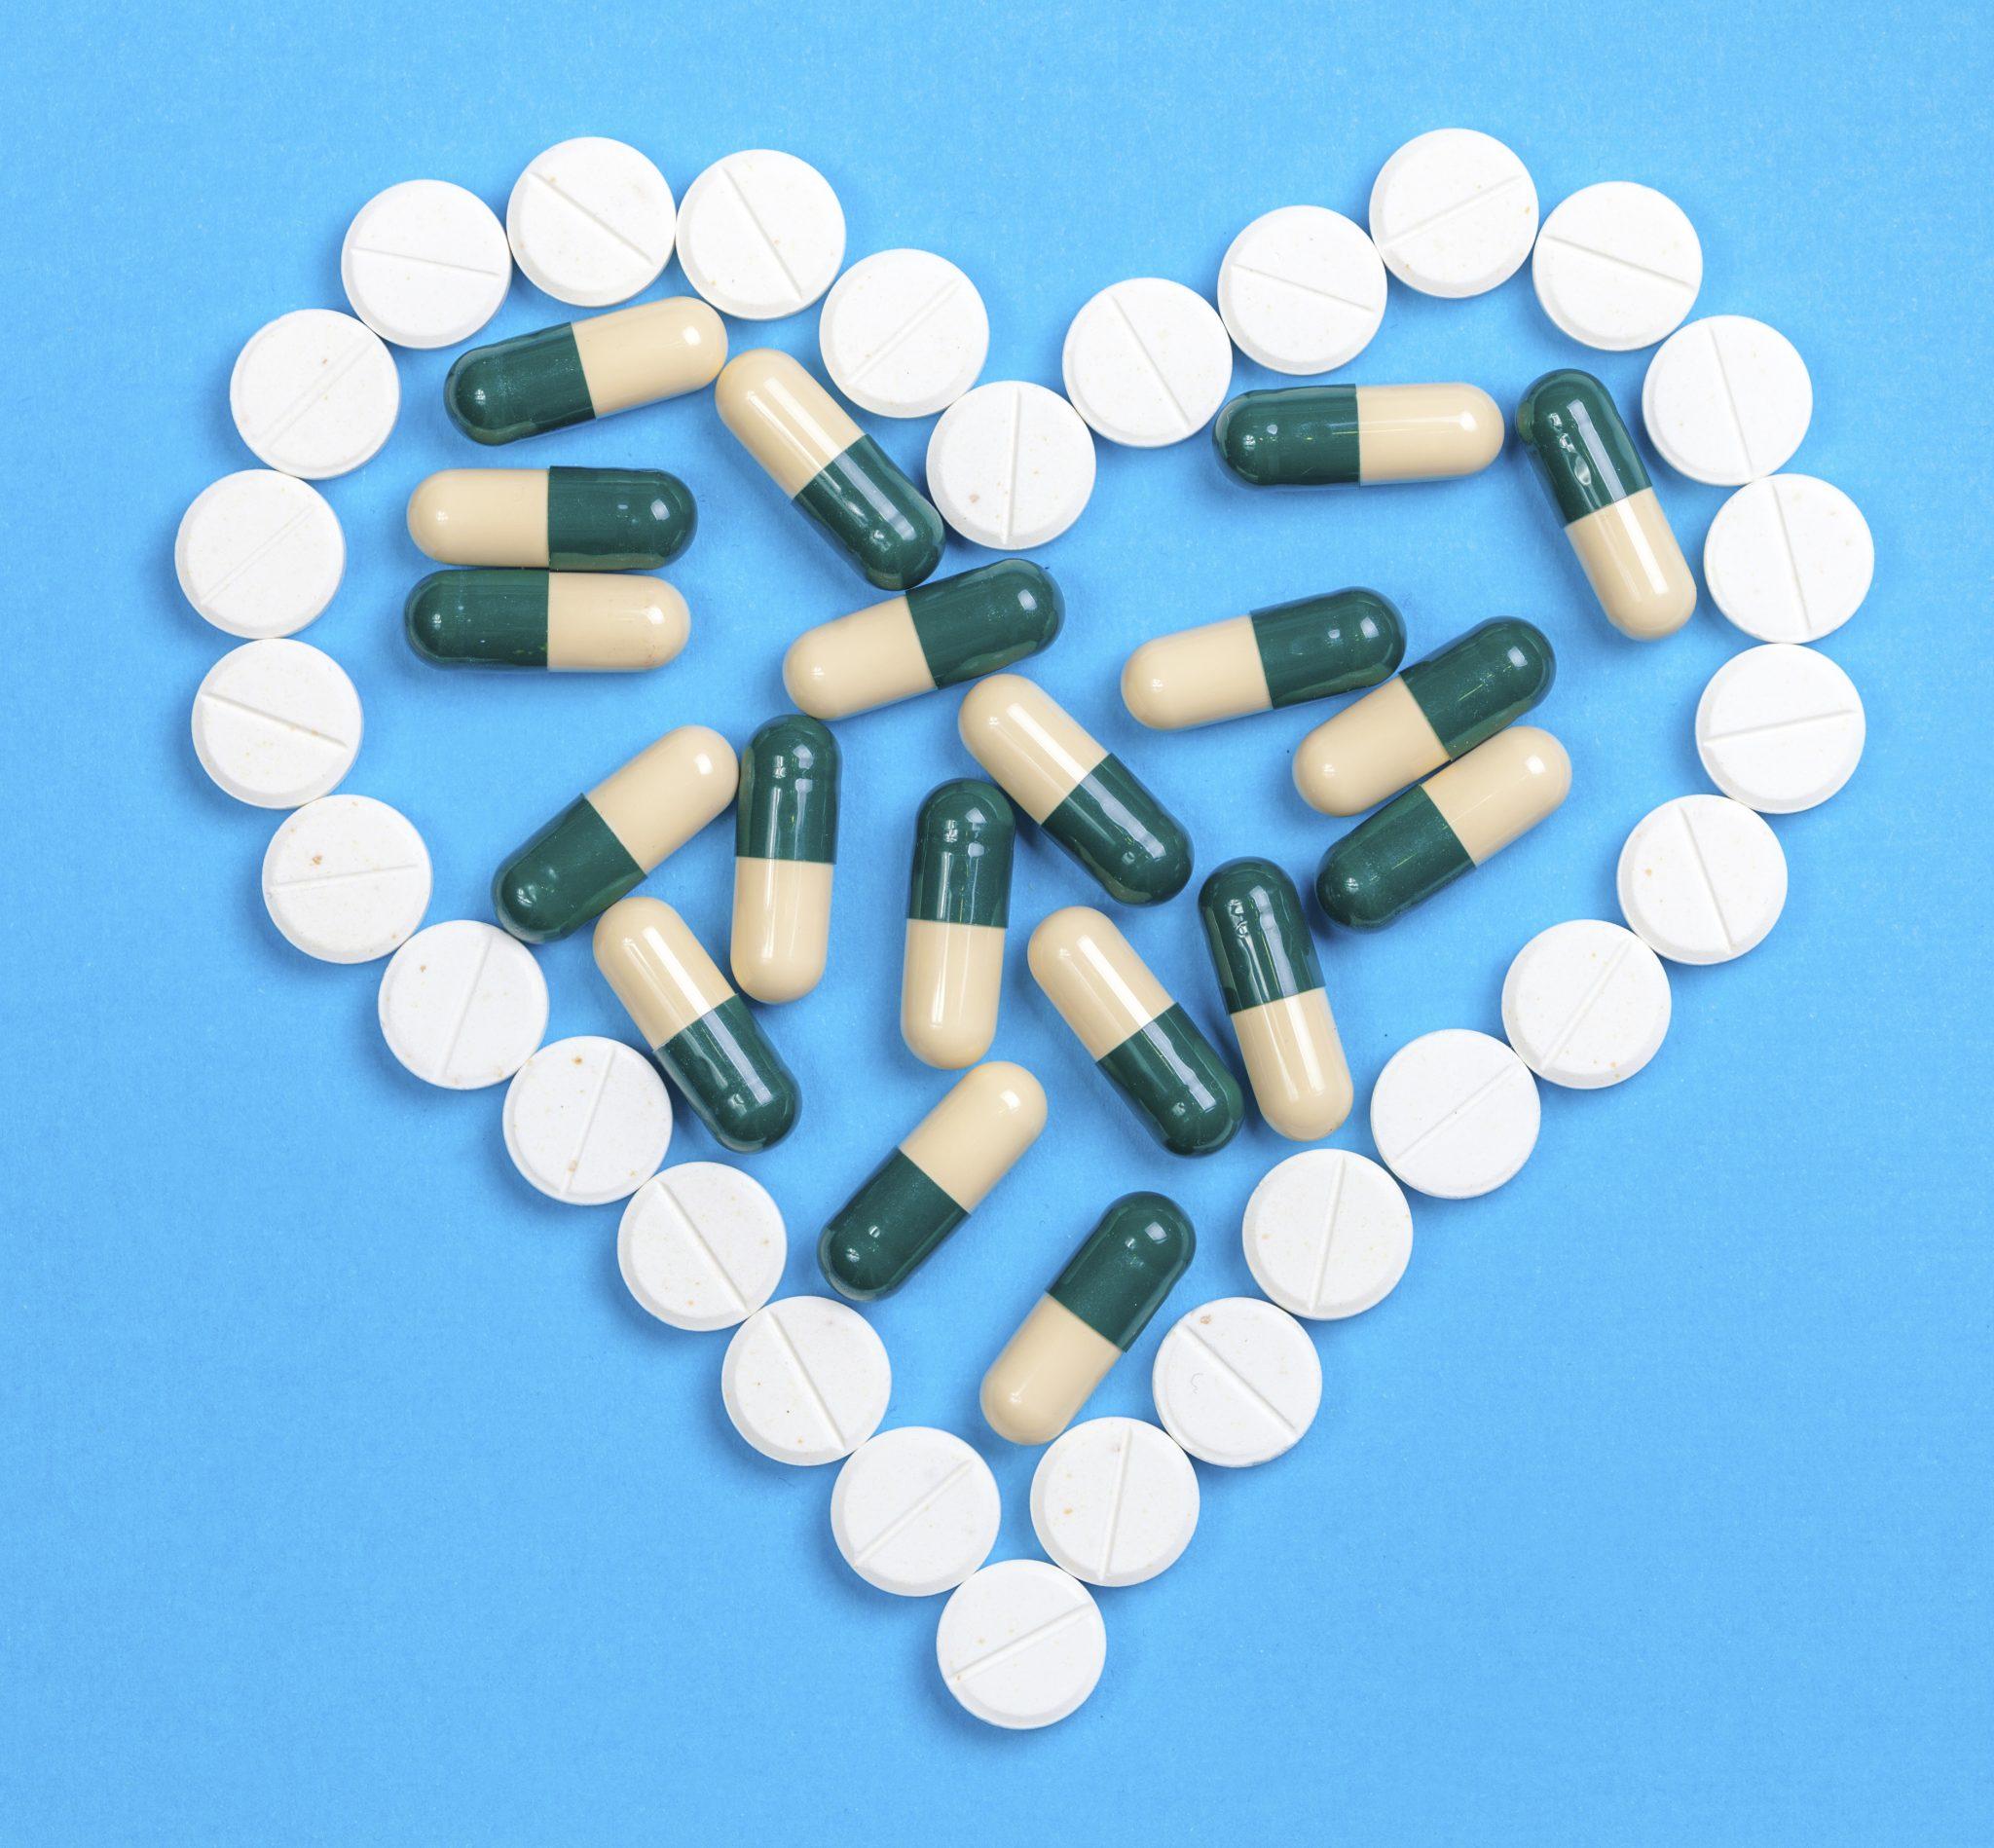 Heart failure drug